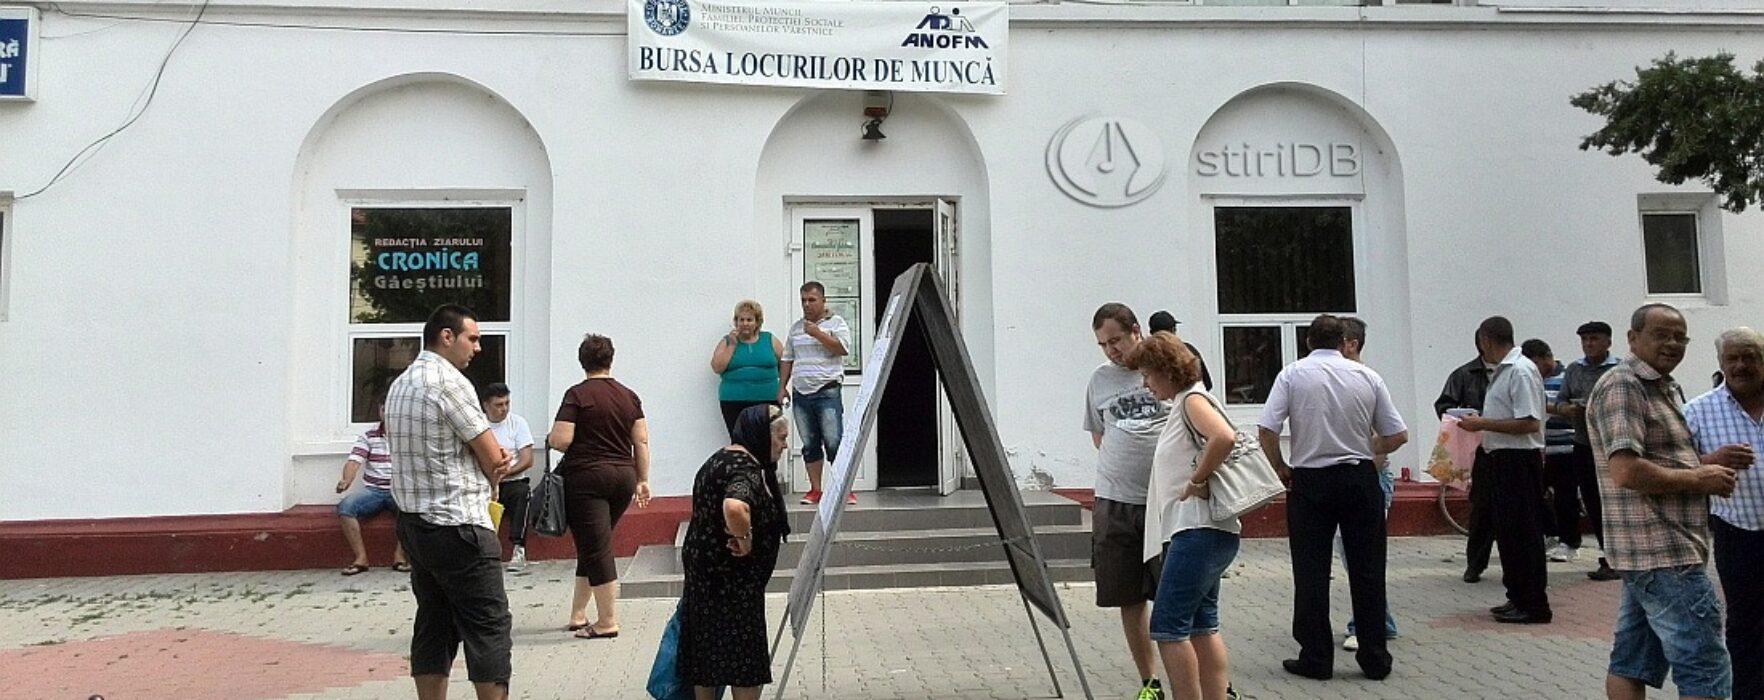 Sute de participanţi la Bursa locurilor de muncă de la Titu şi Găeşti